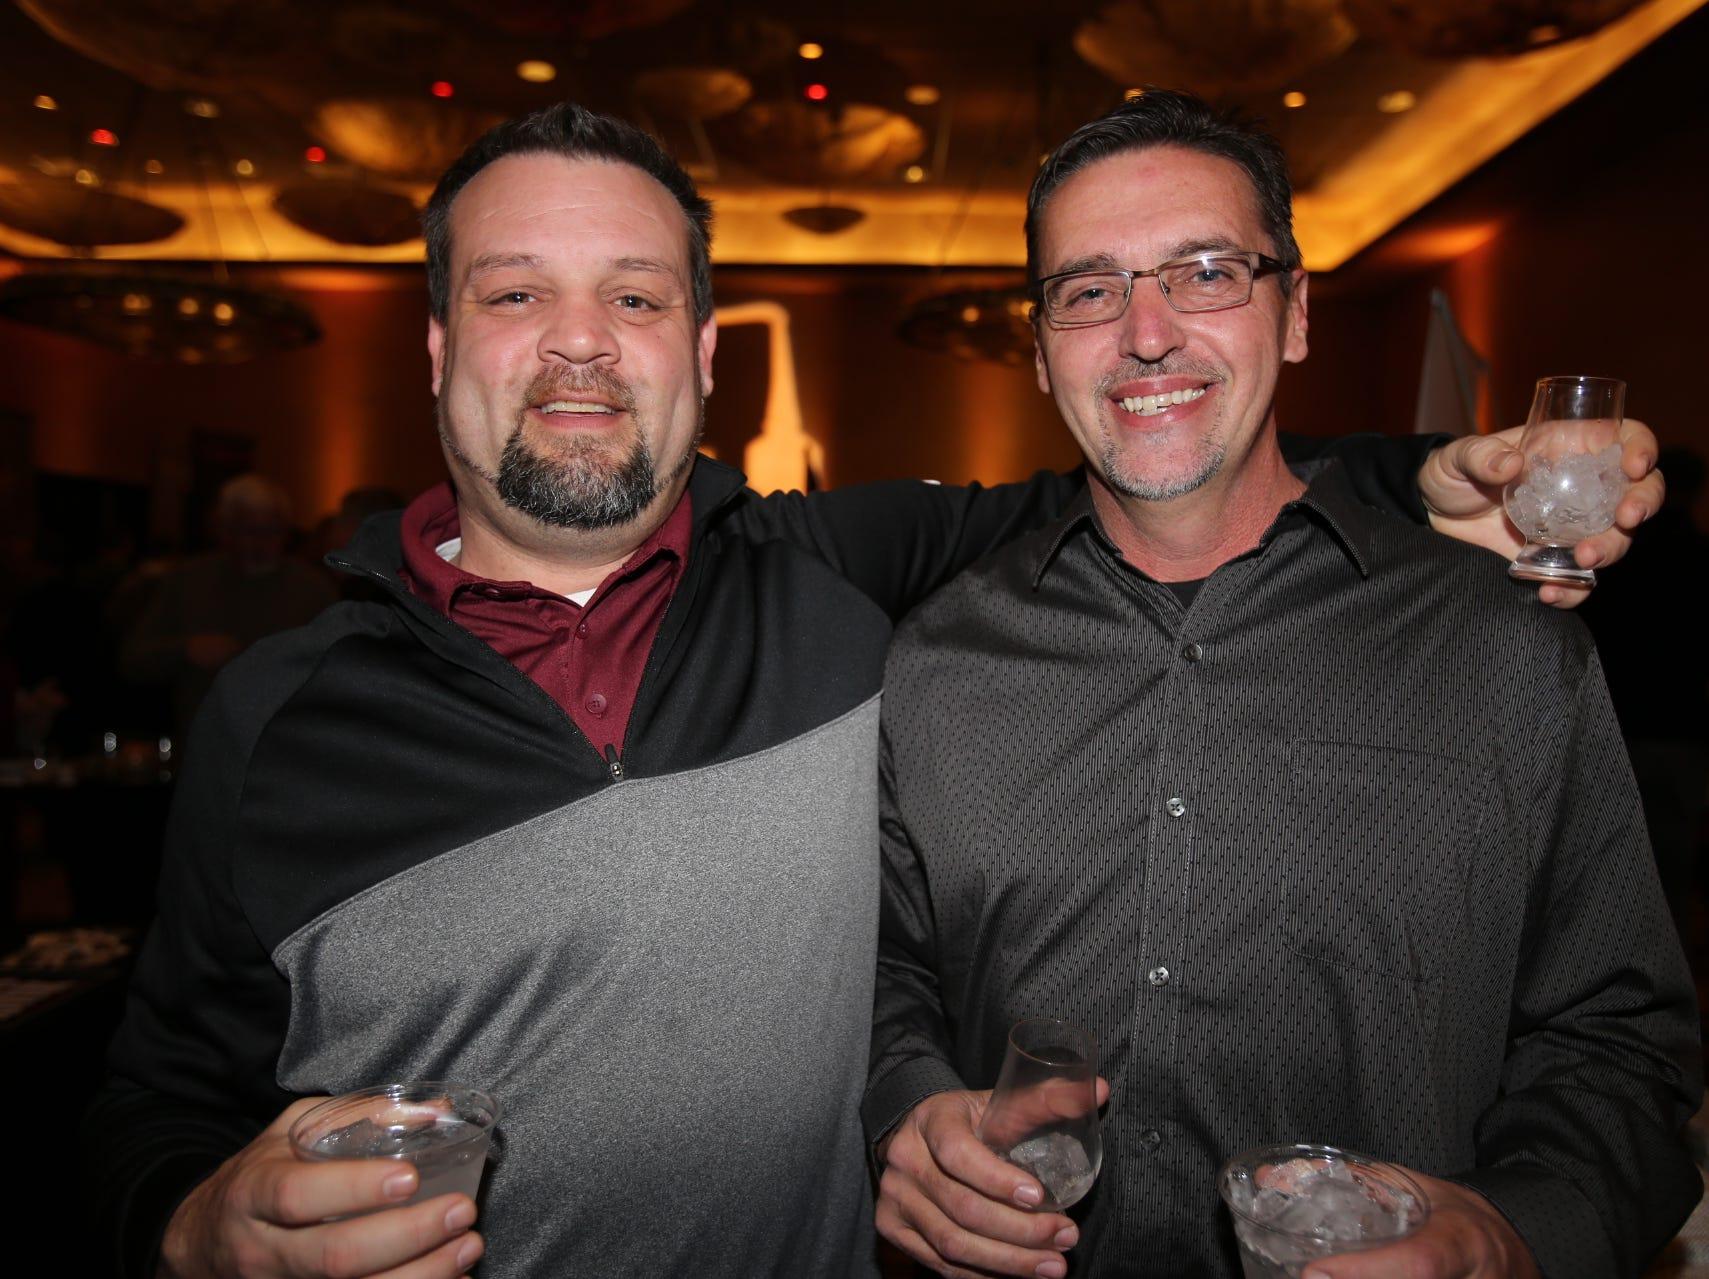 Bart Sandoval III and Brian Goodwin